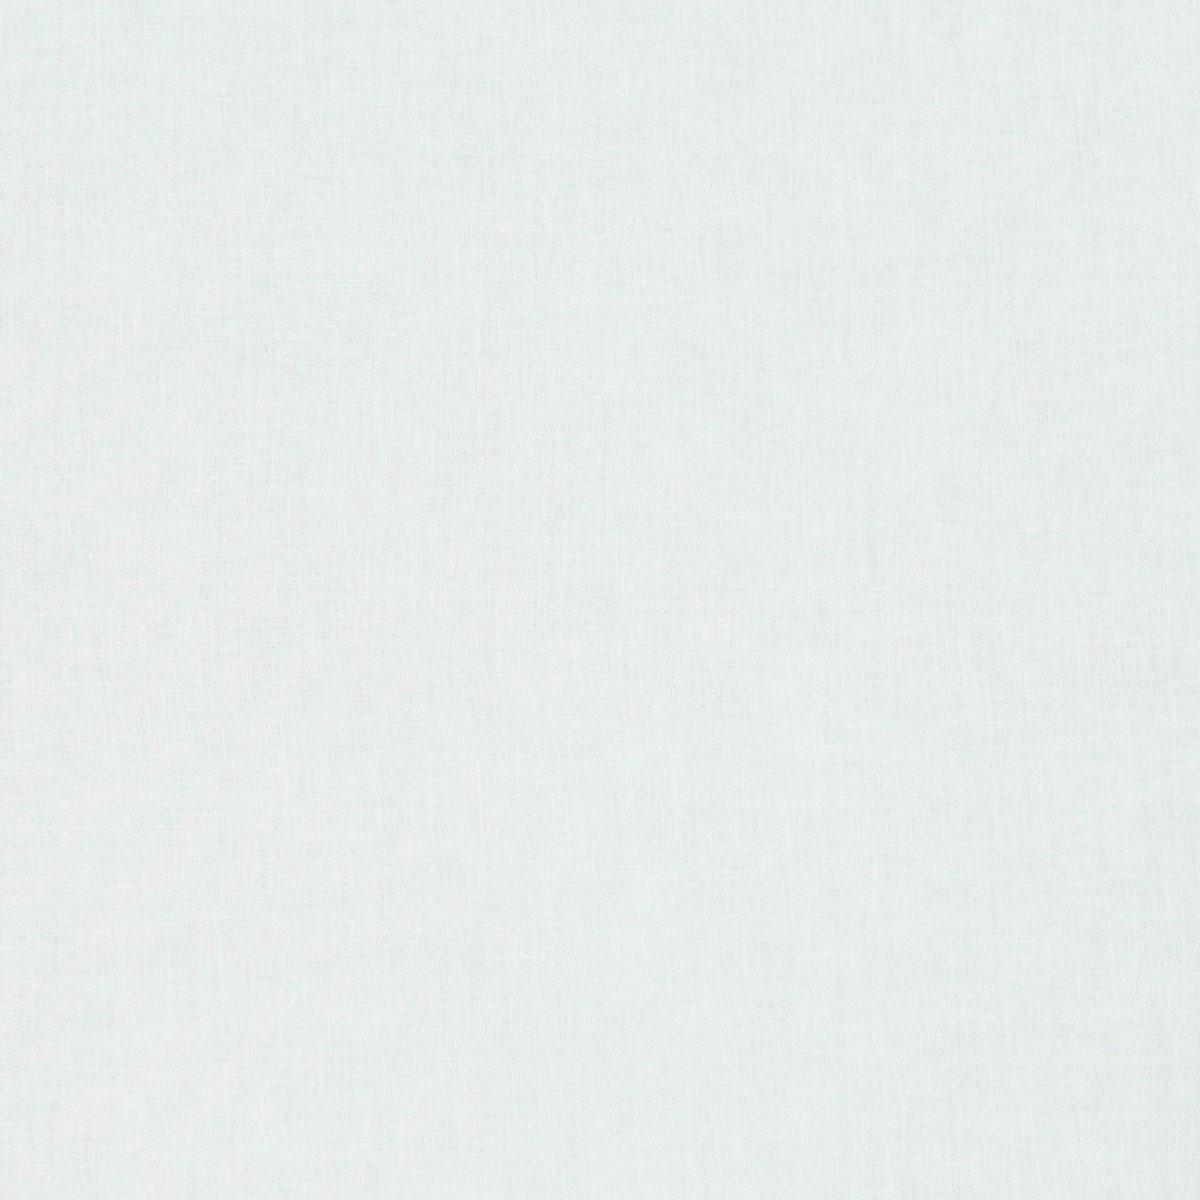 Kreativstoff Baumwollstoff Fahnentuch einfarbig weiß 1,45m Breite